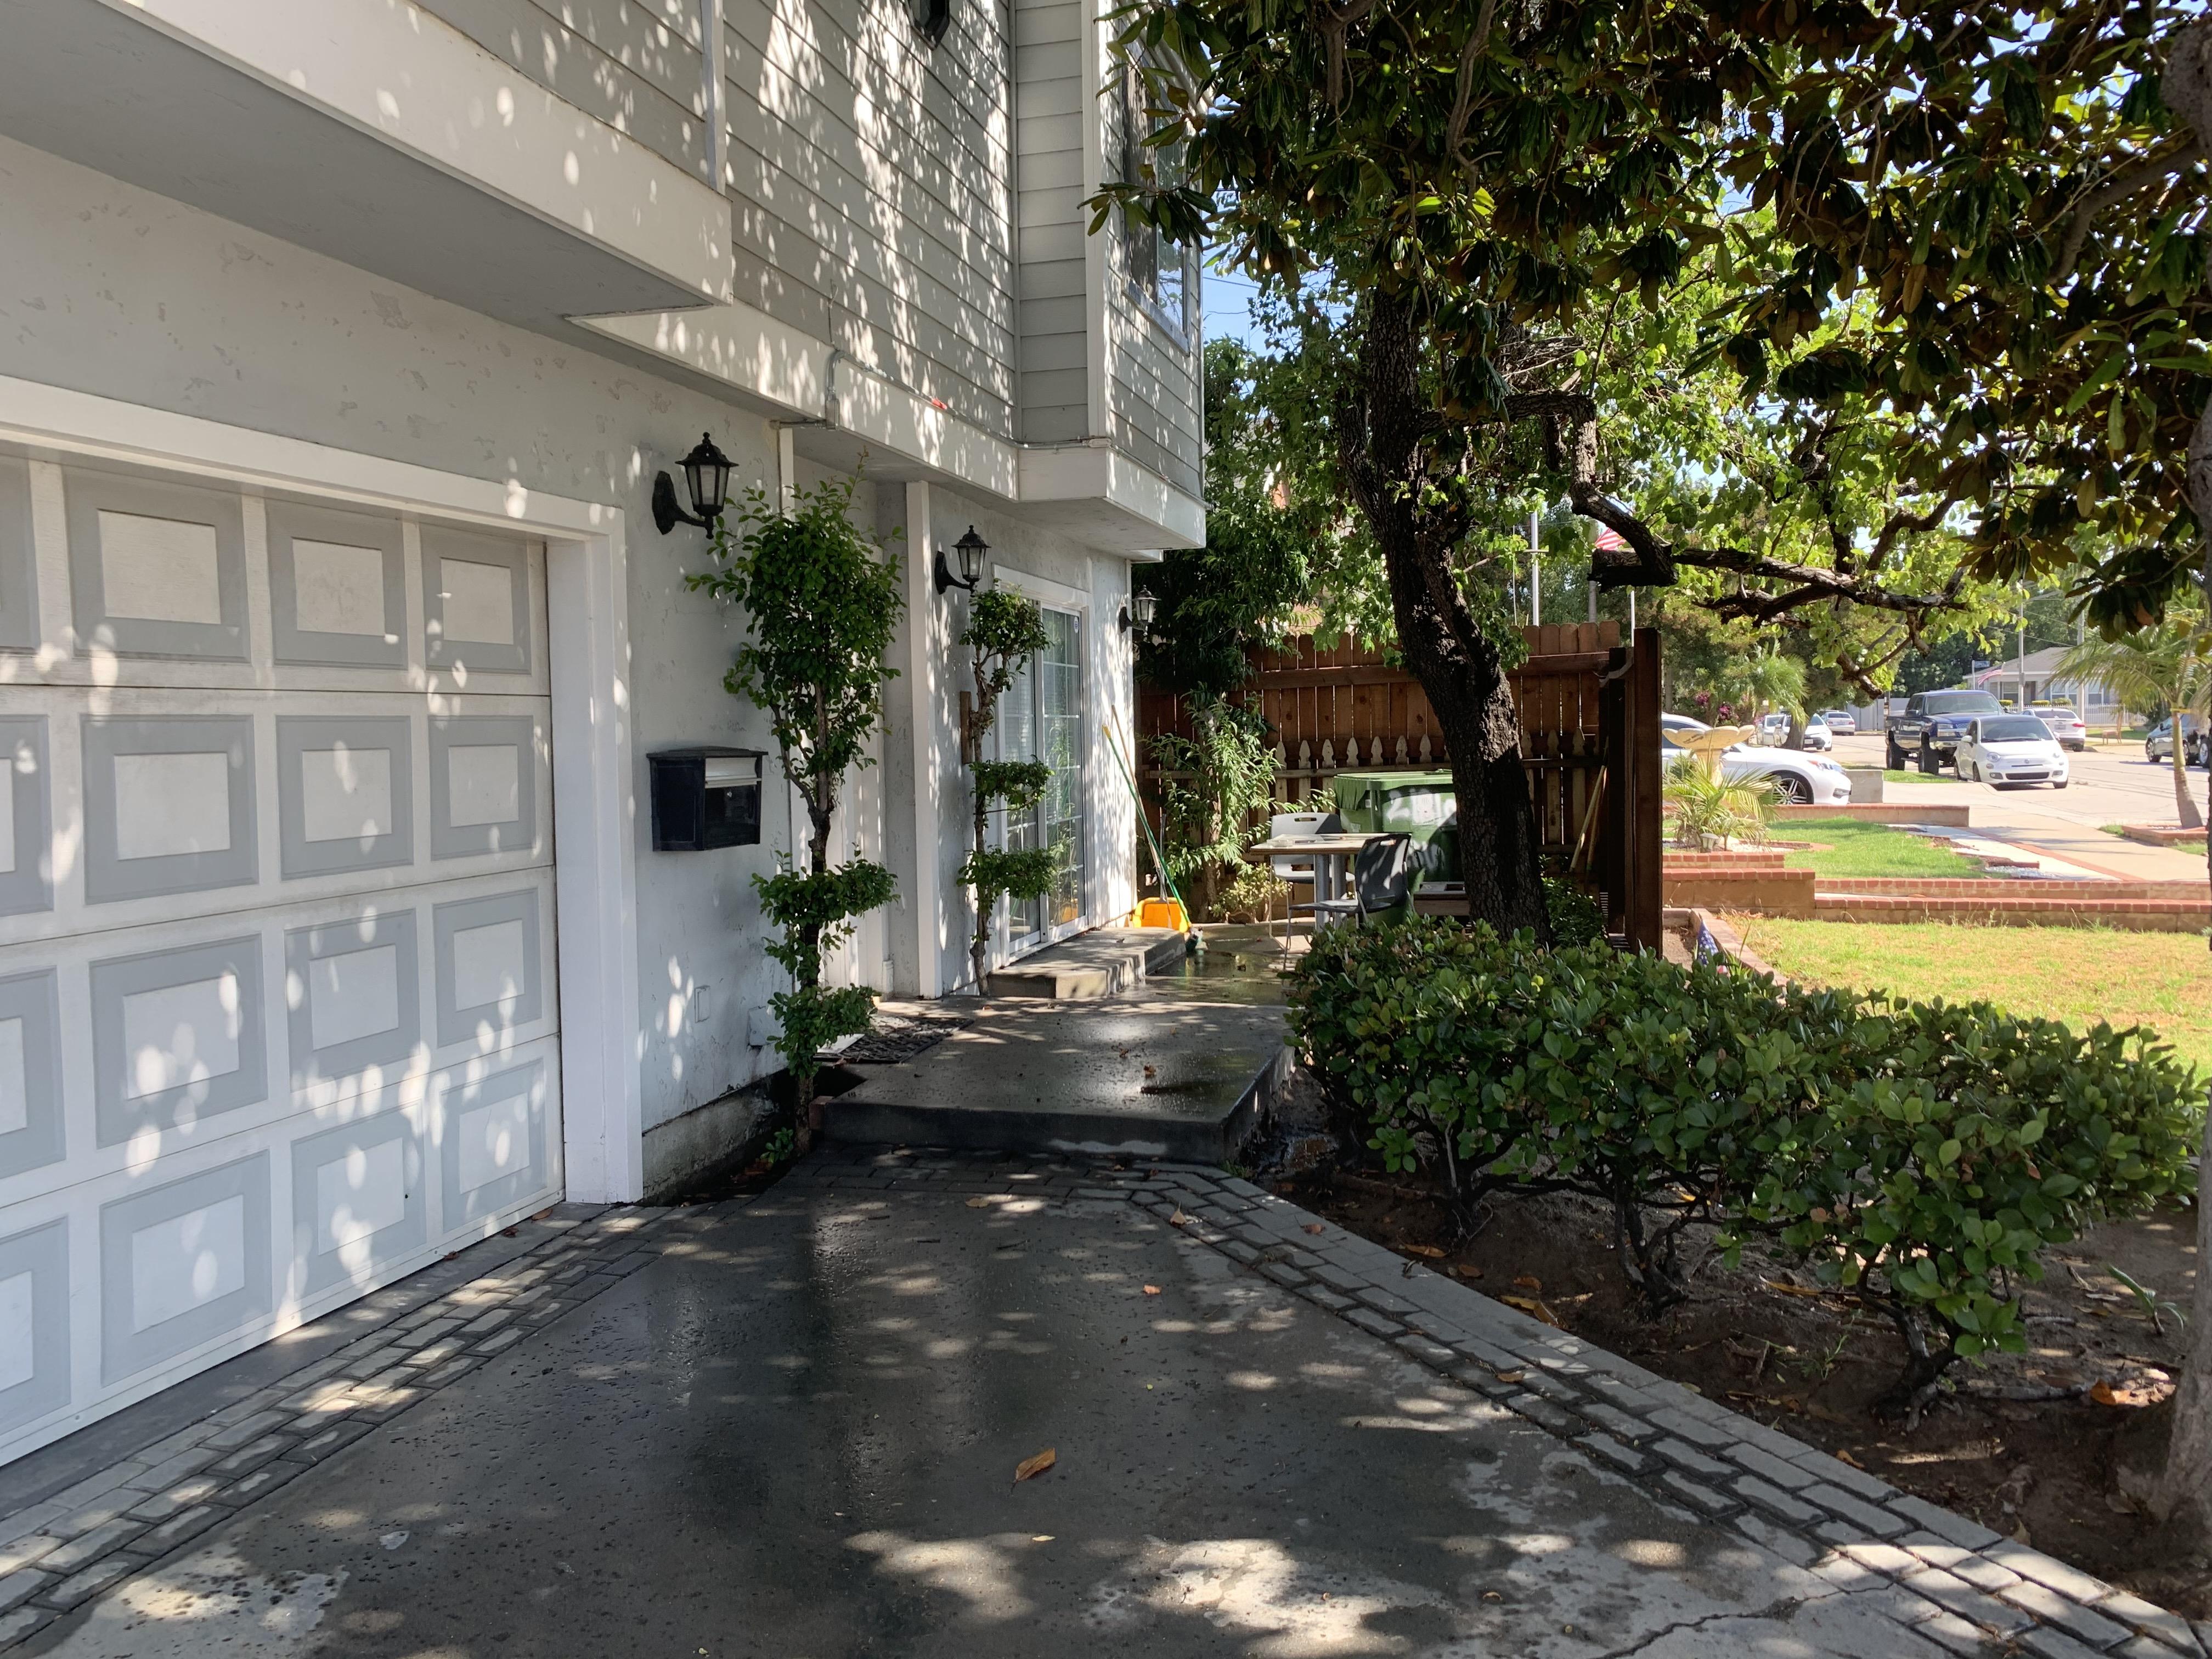 写真:Halldale Ave, Torrance, CA 905014